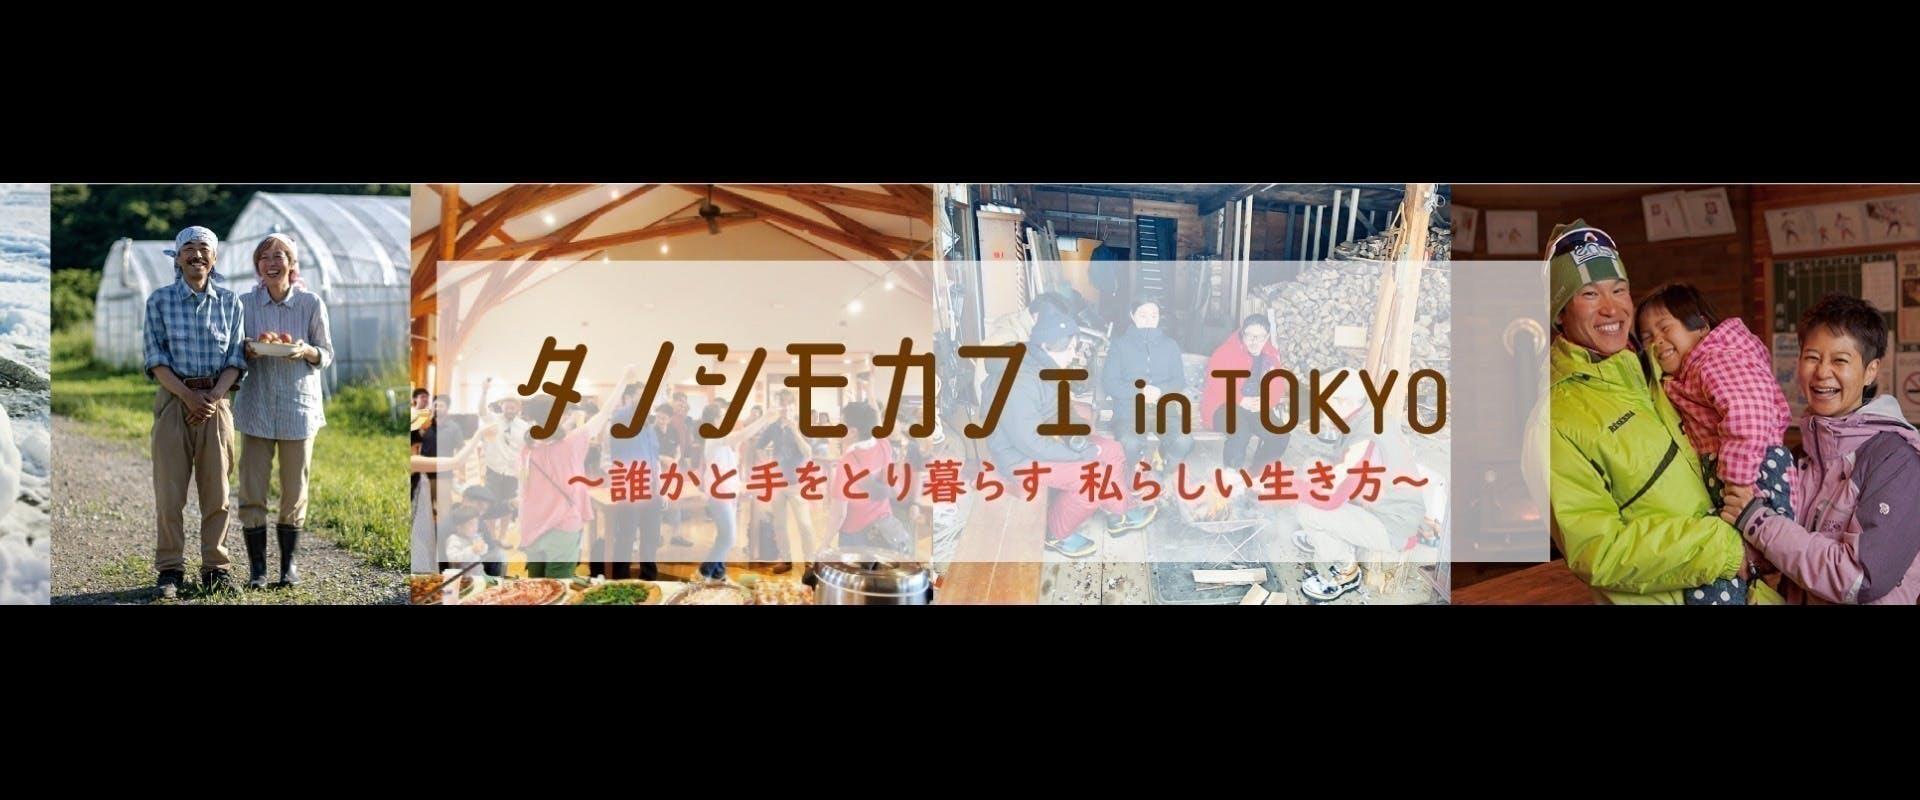 関東圏の女性集まれ!『出張タノシモカフェ』に参加して下川町とゆるく繋りをもってみませんか?